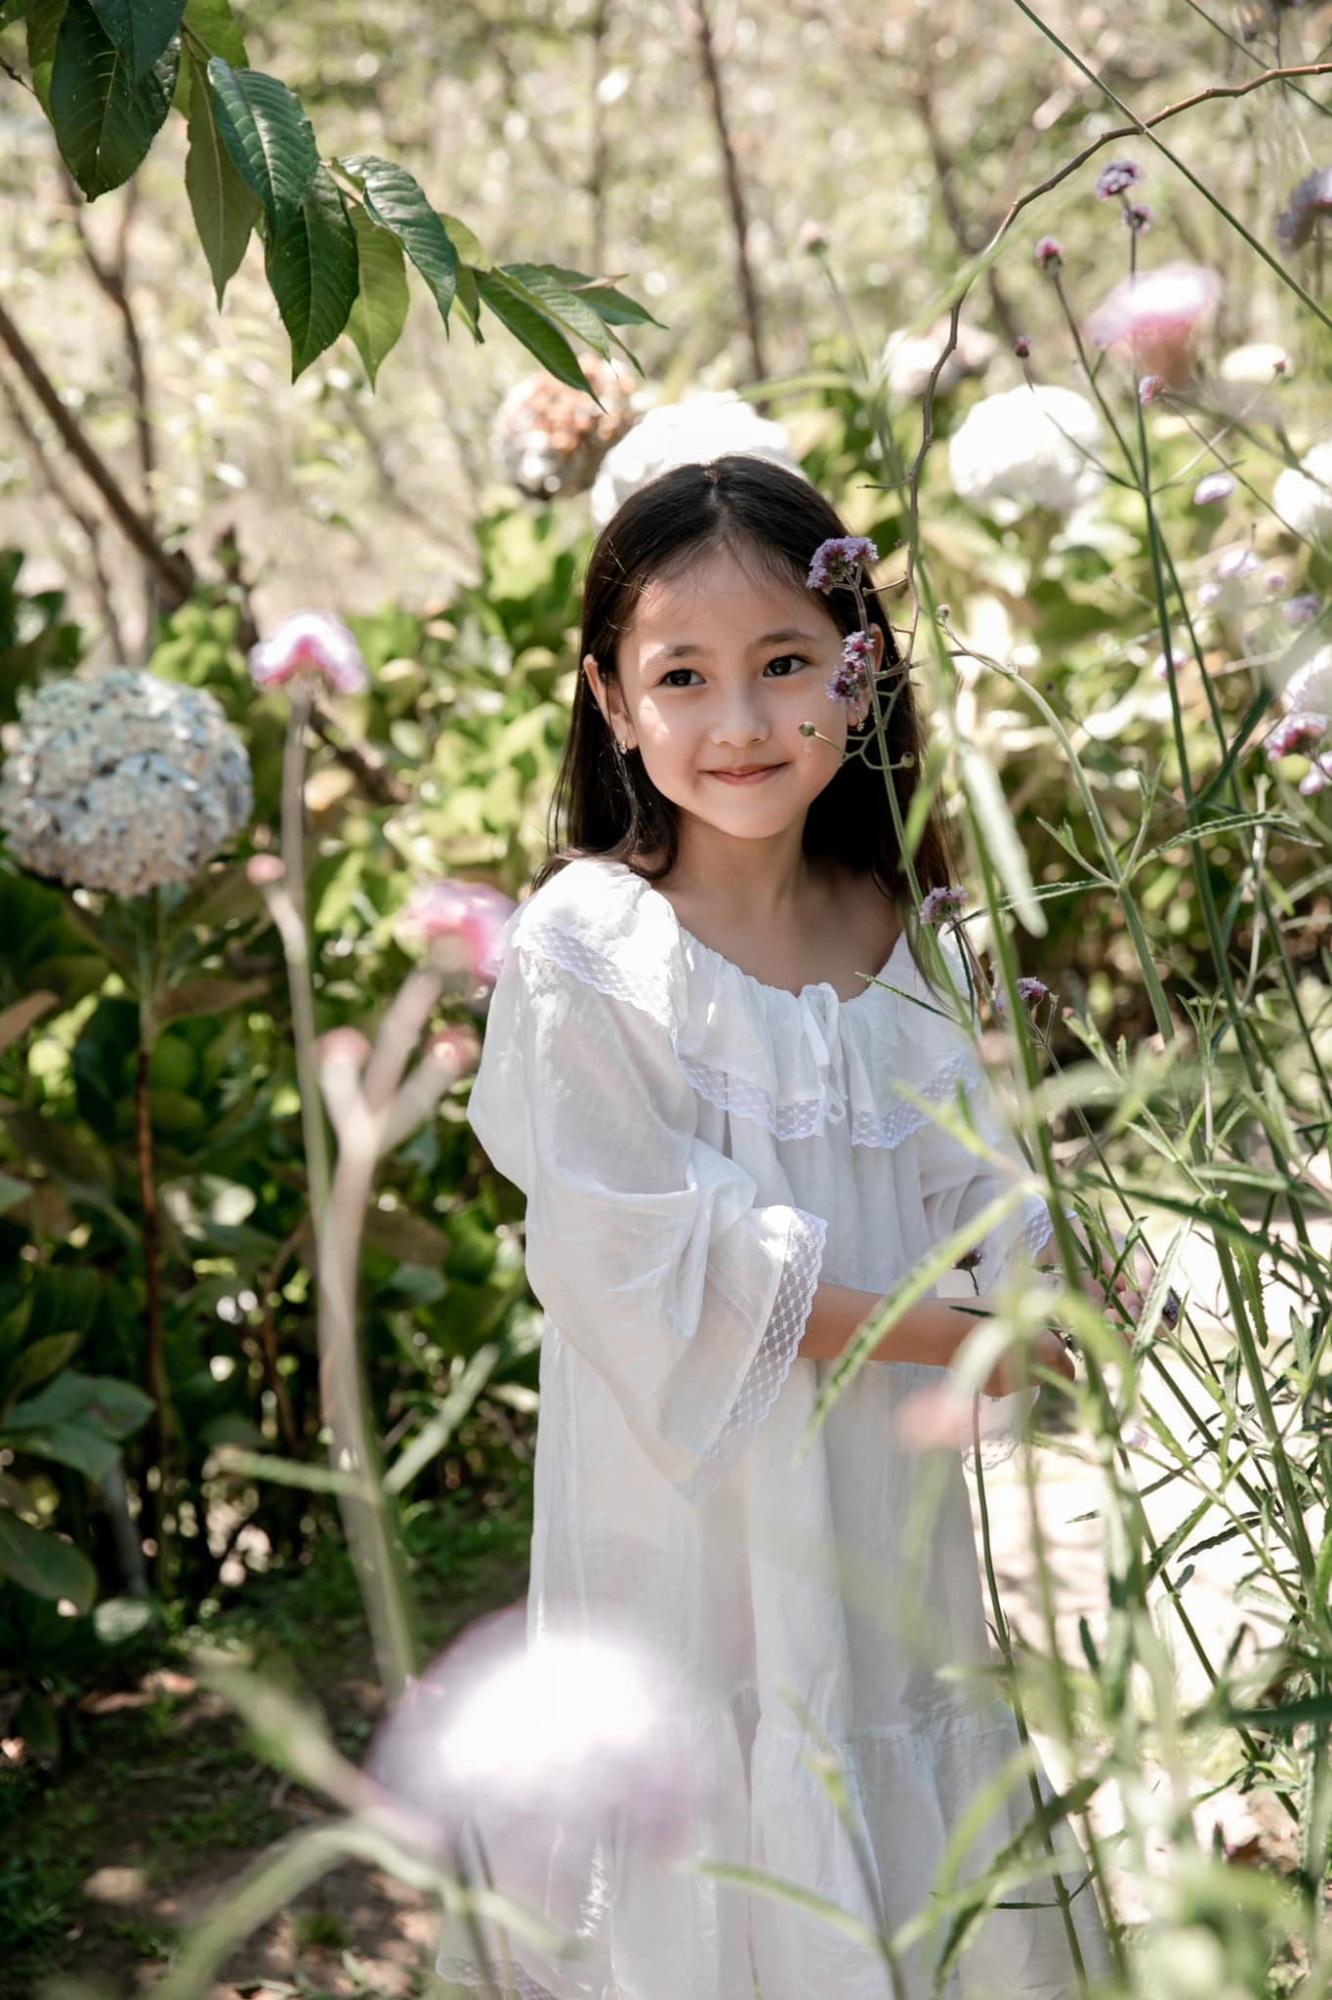 """Không hổ danh con gái Hoa hậu, công chúa nhỏ của Hà Kiều Anh sở hữu """"gen đẹp"""" của mẹ, càng lớn càng lộ khí chất đại mỹ nhân - Ảnh 7"""